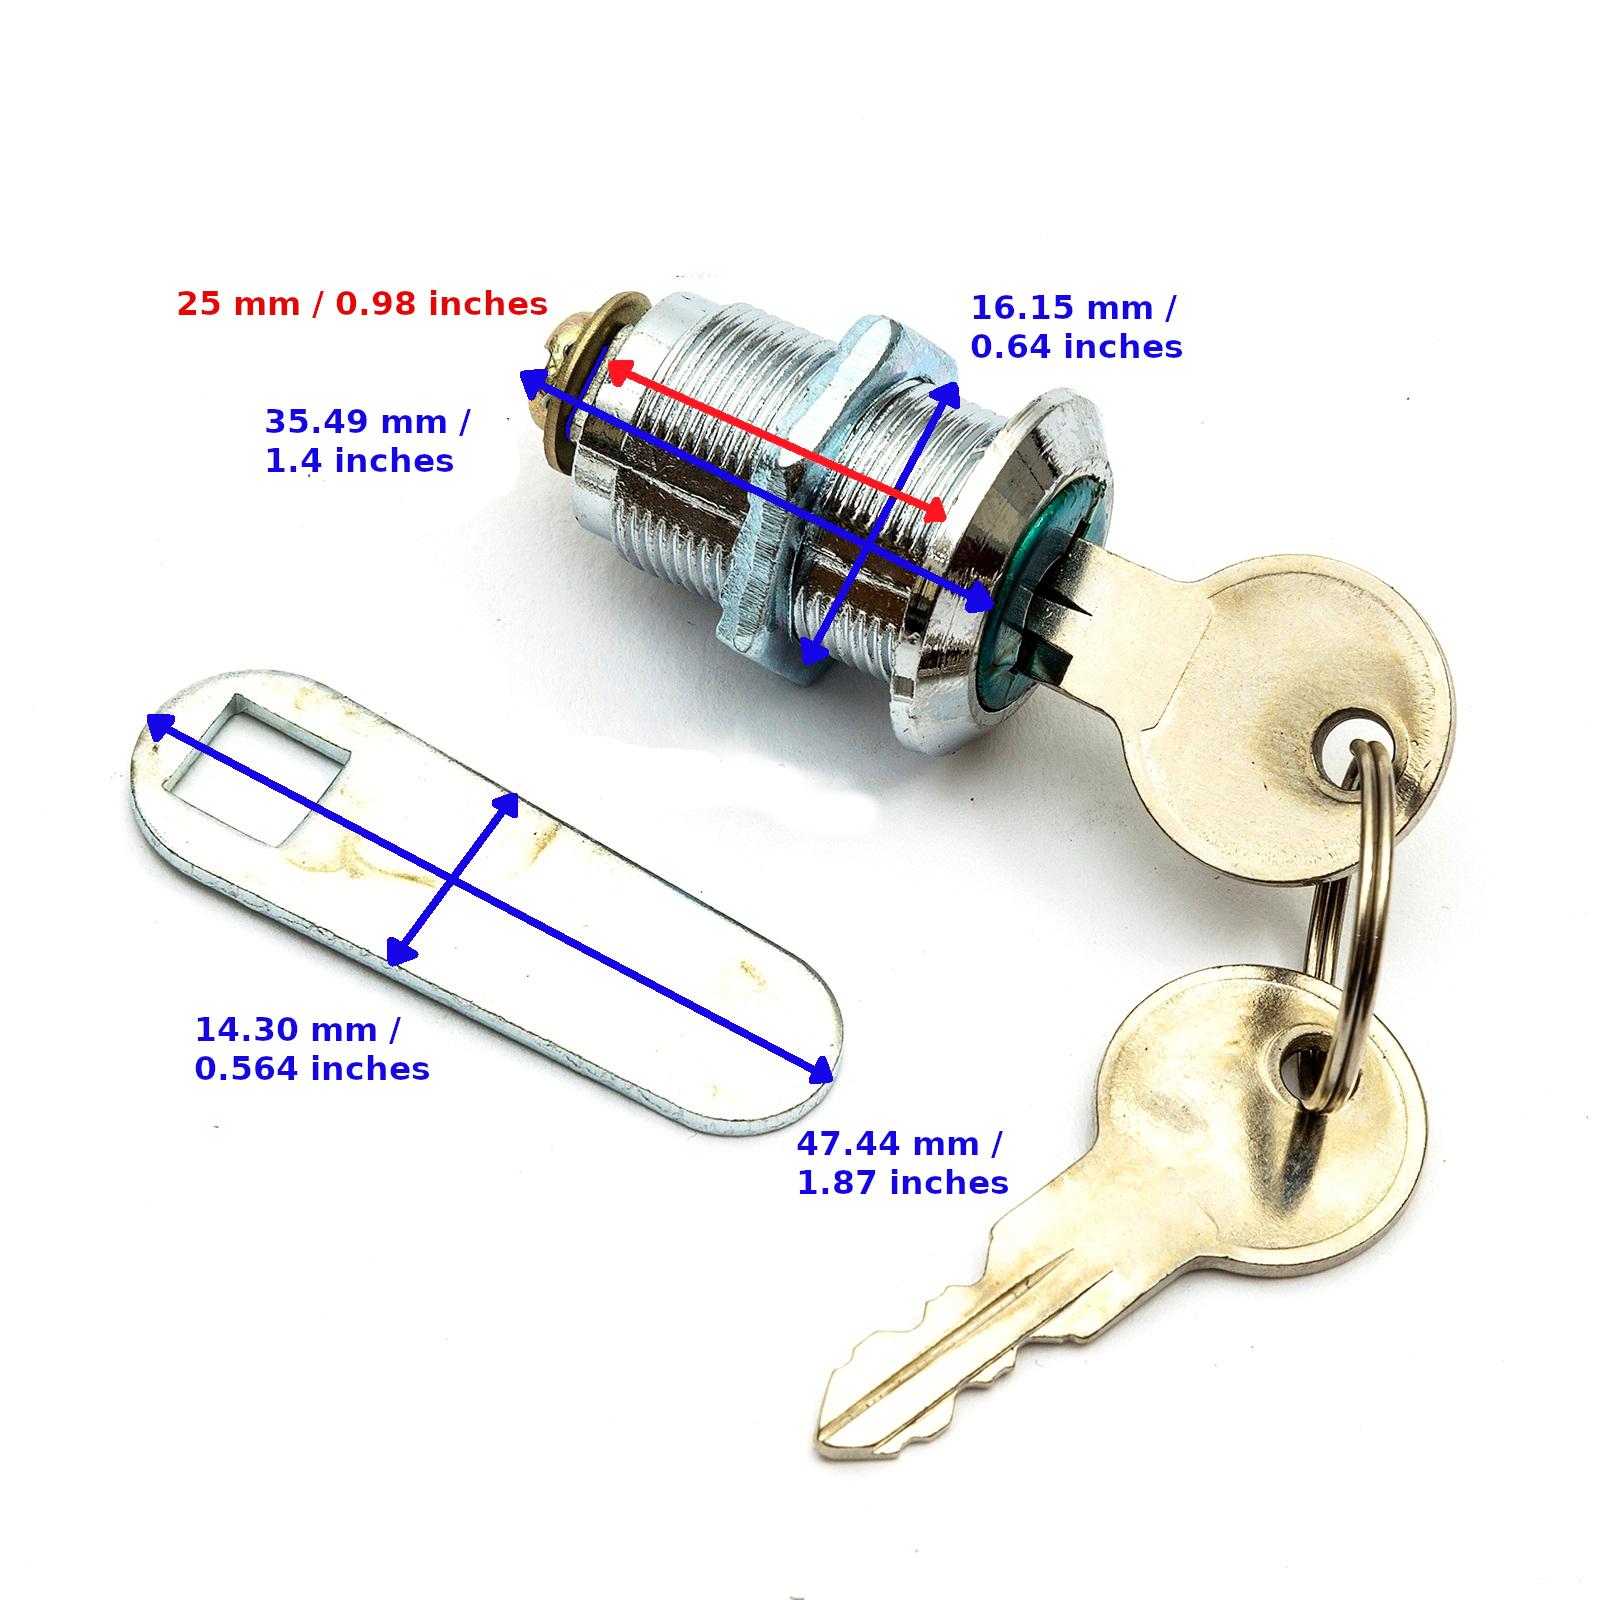 Casier Keys Cut to code mobilier de bureau touches-Replacement Keys Cut